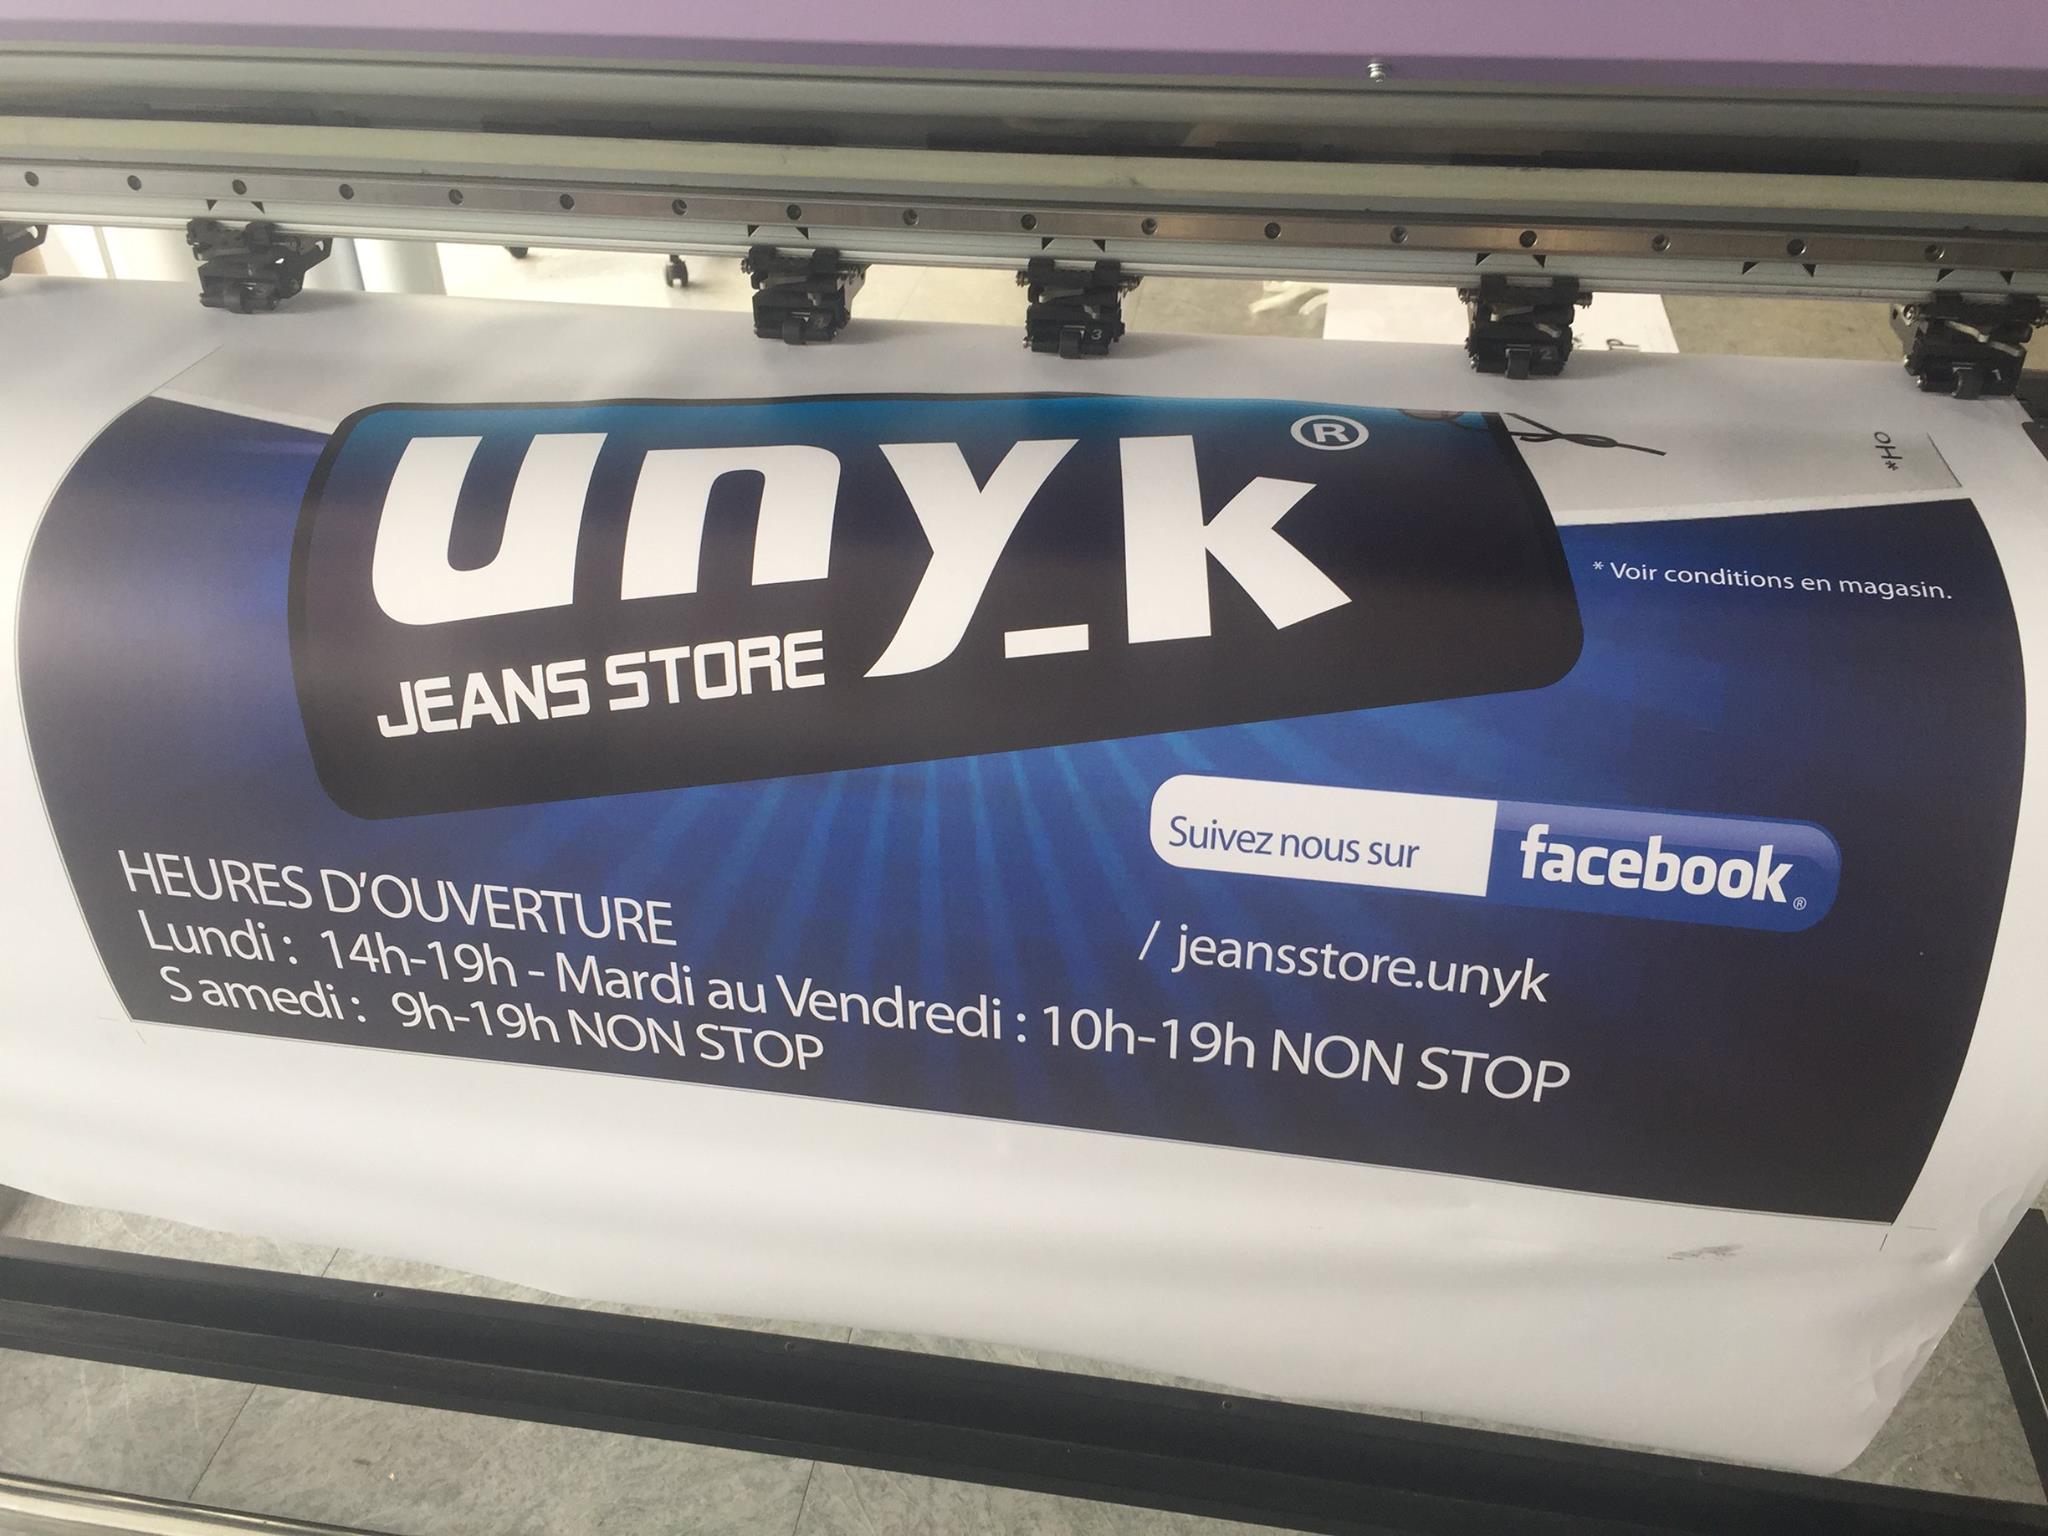 Unyk : banderole publicitaire